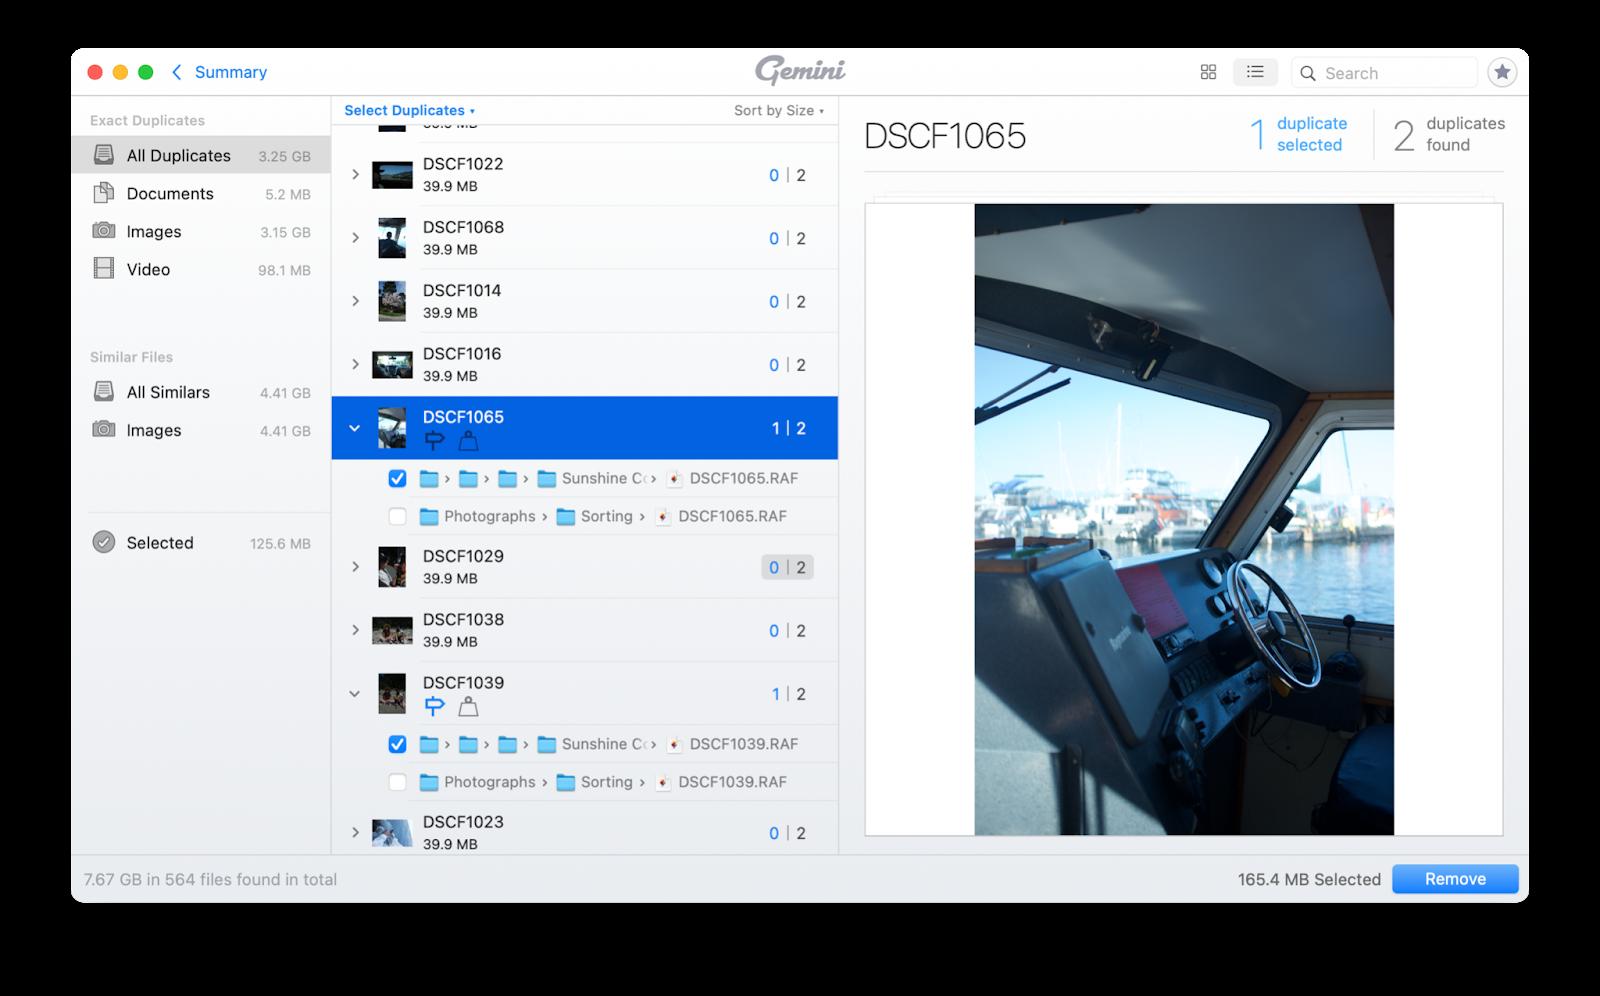 Gemini duplicate files finder